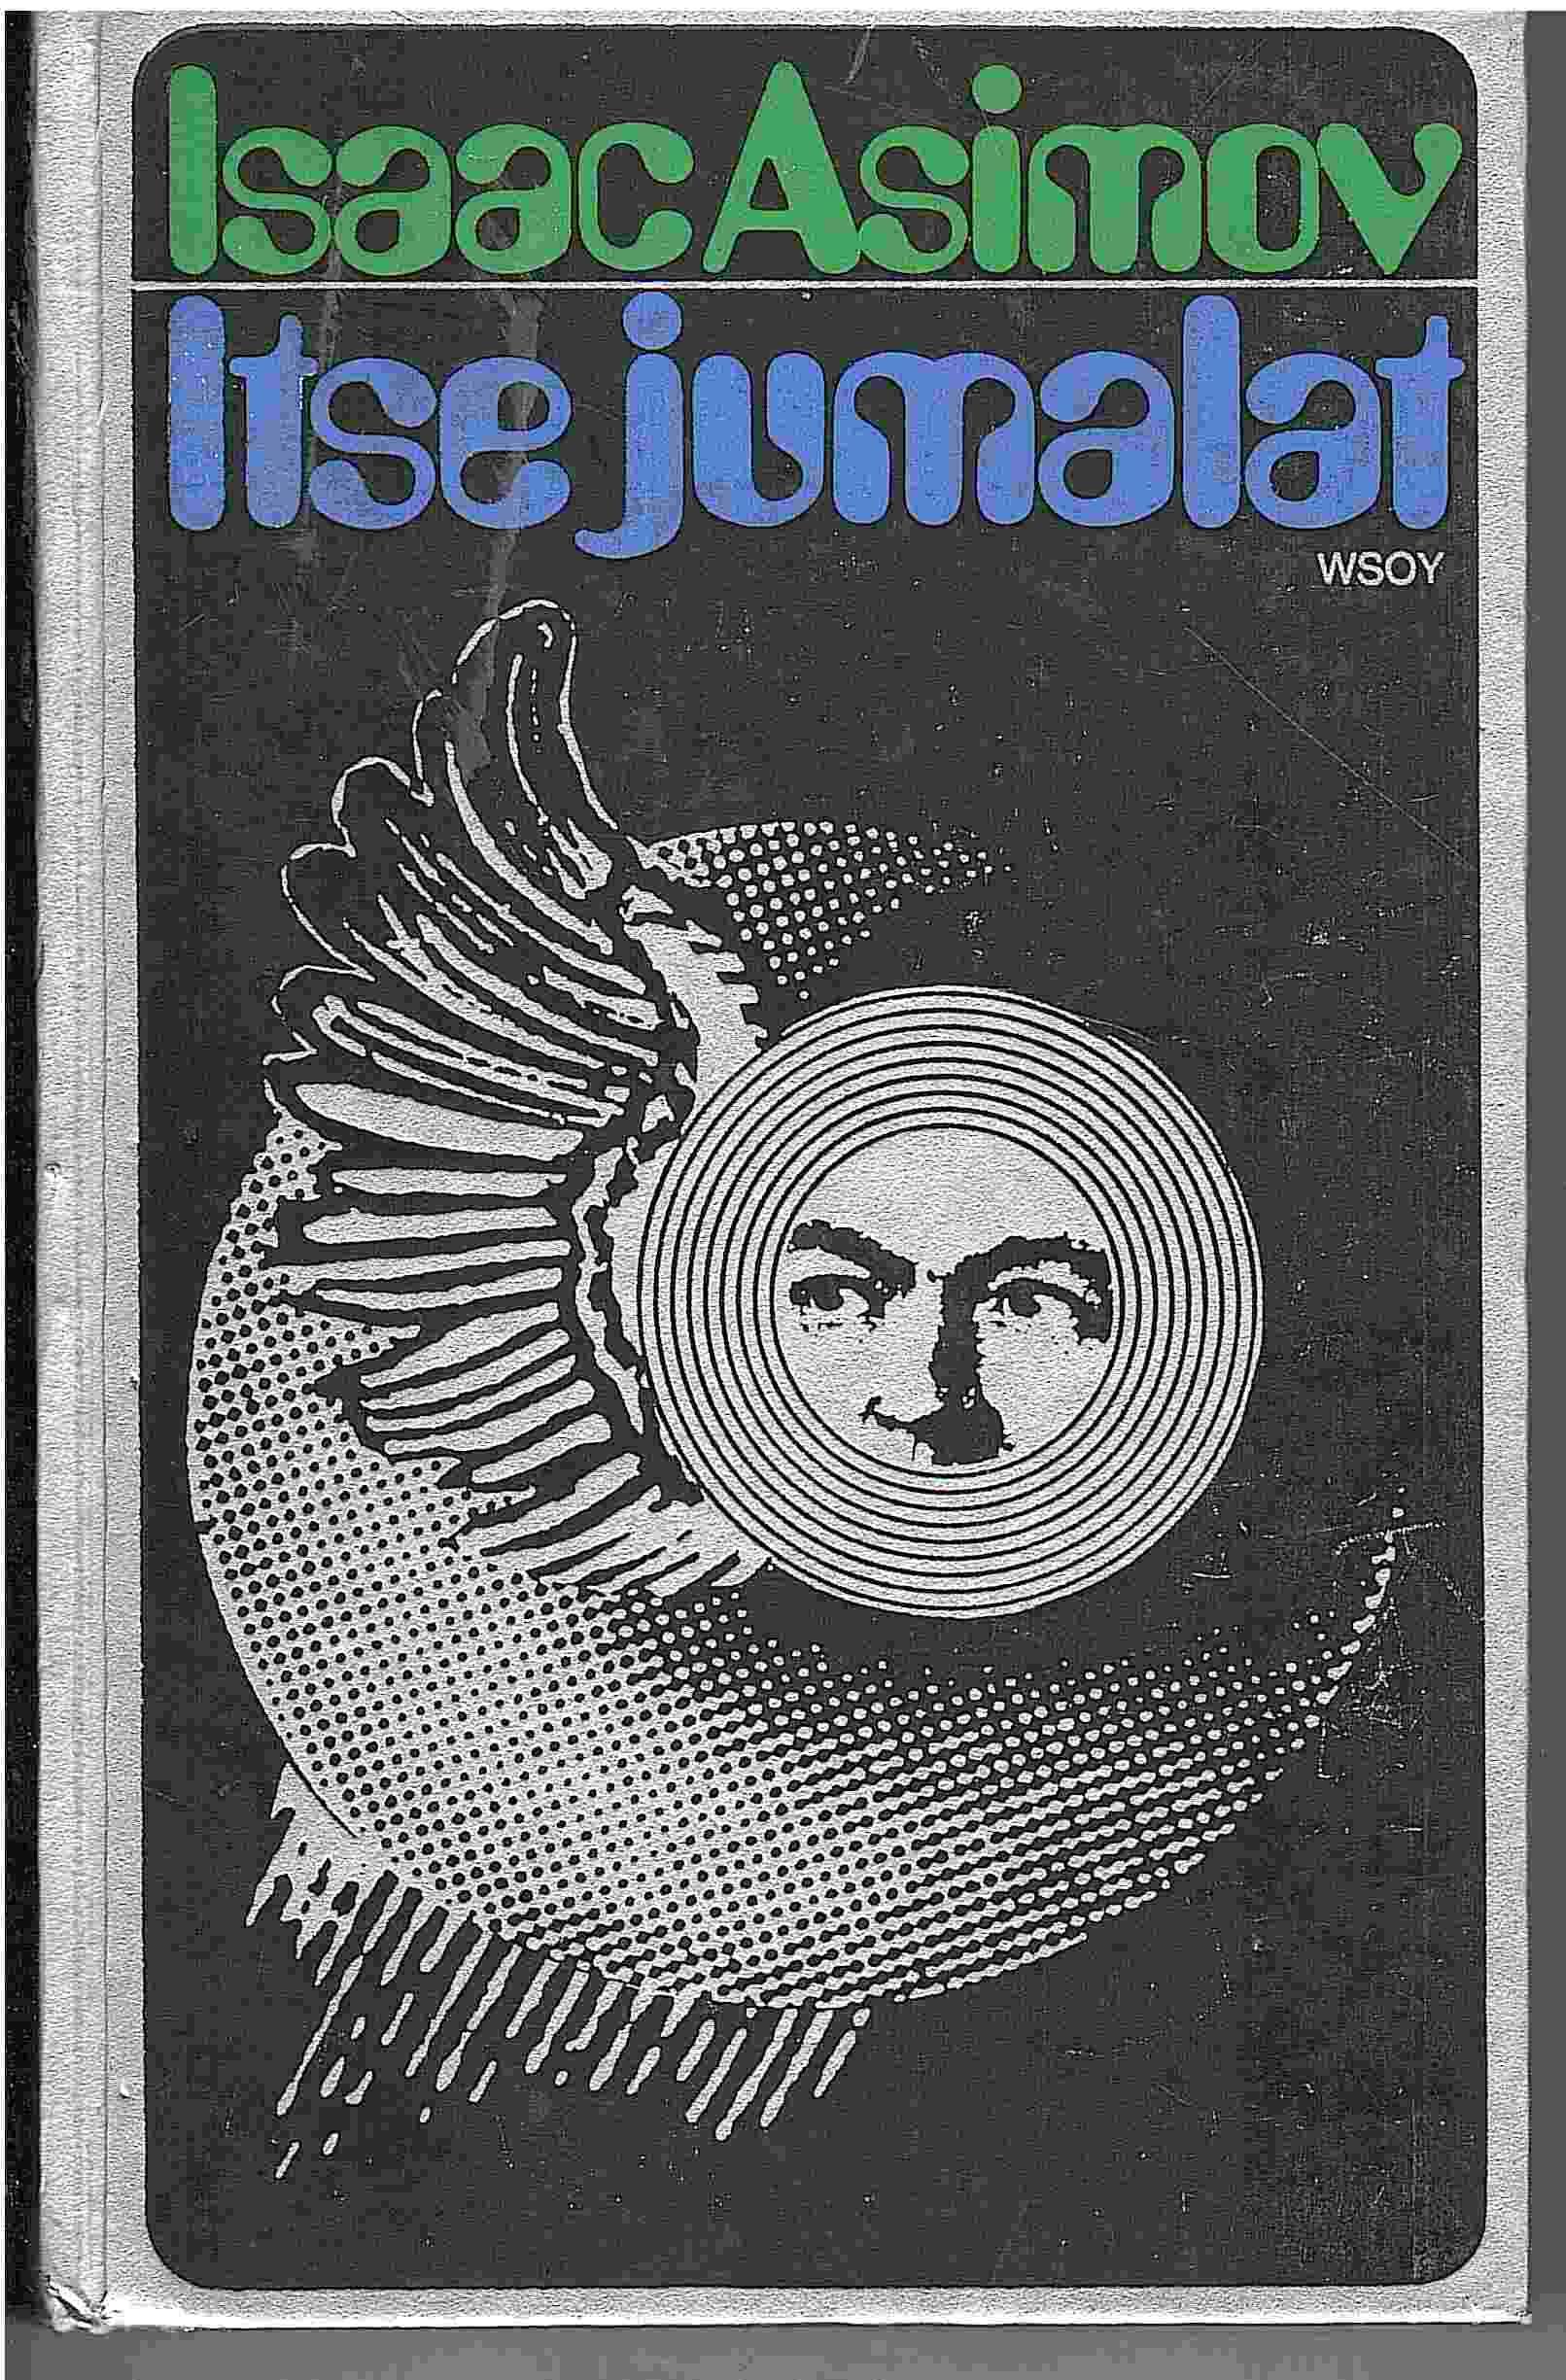 Itse jumalat - Asimov Isaac tuotekuva